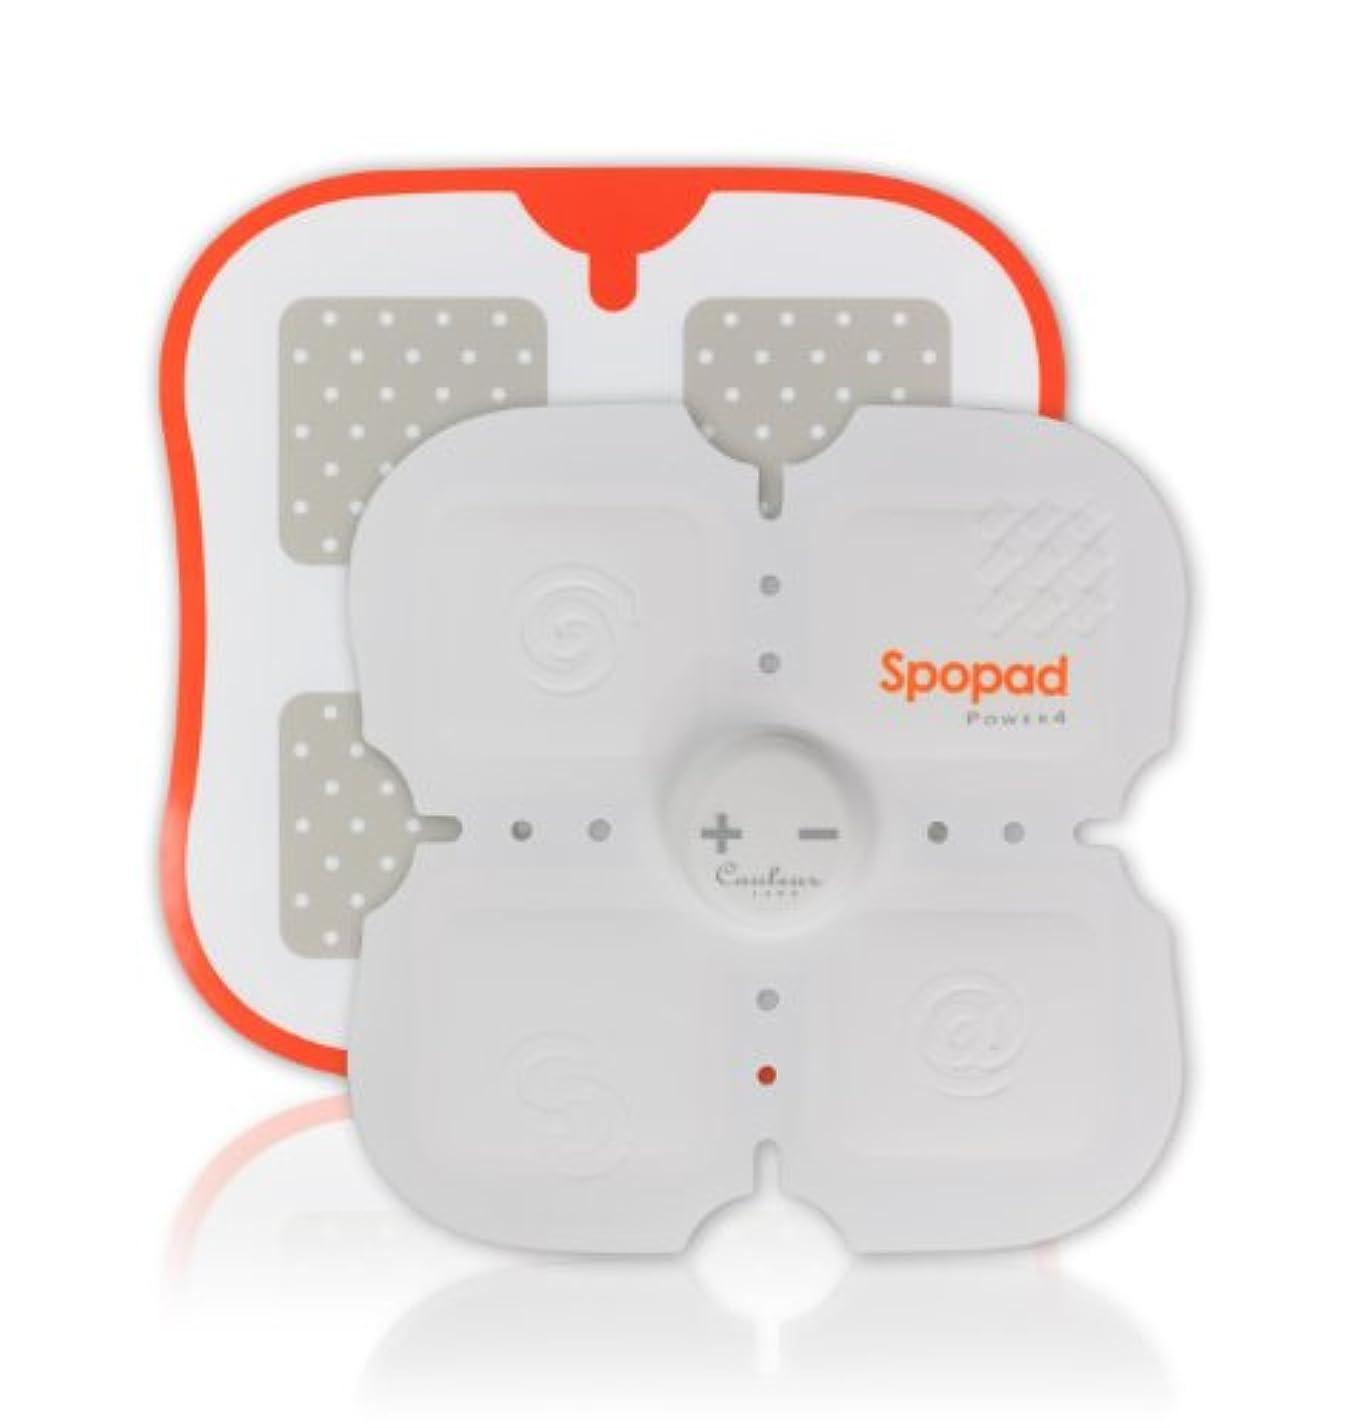 比率シェード水素SPOPAD POWER4(スポパッドパワーフォー) 家庭用EMS運動機器、超薄型、超軽量、ワイヤレス、ハンズフリー